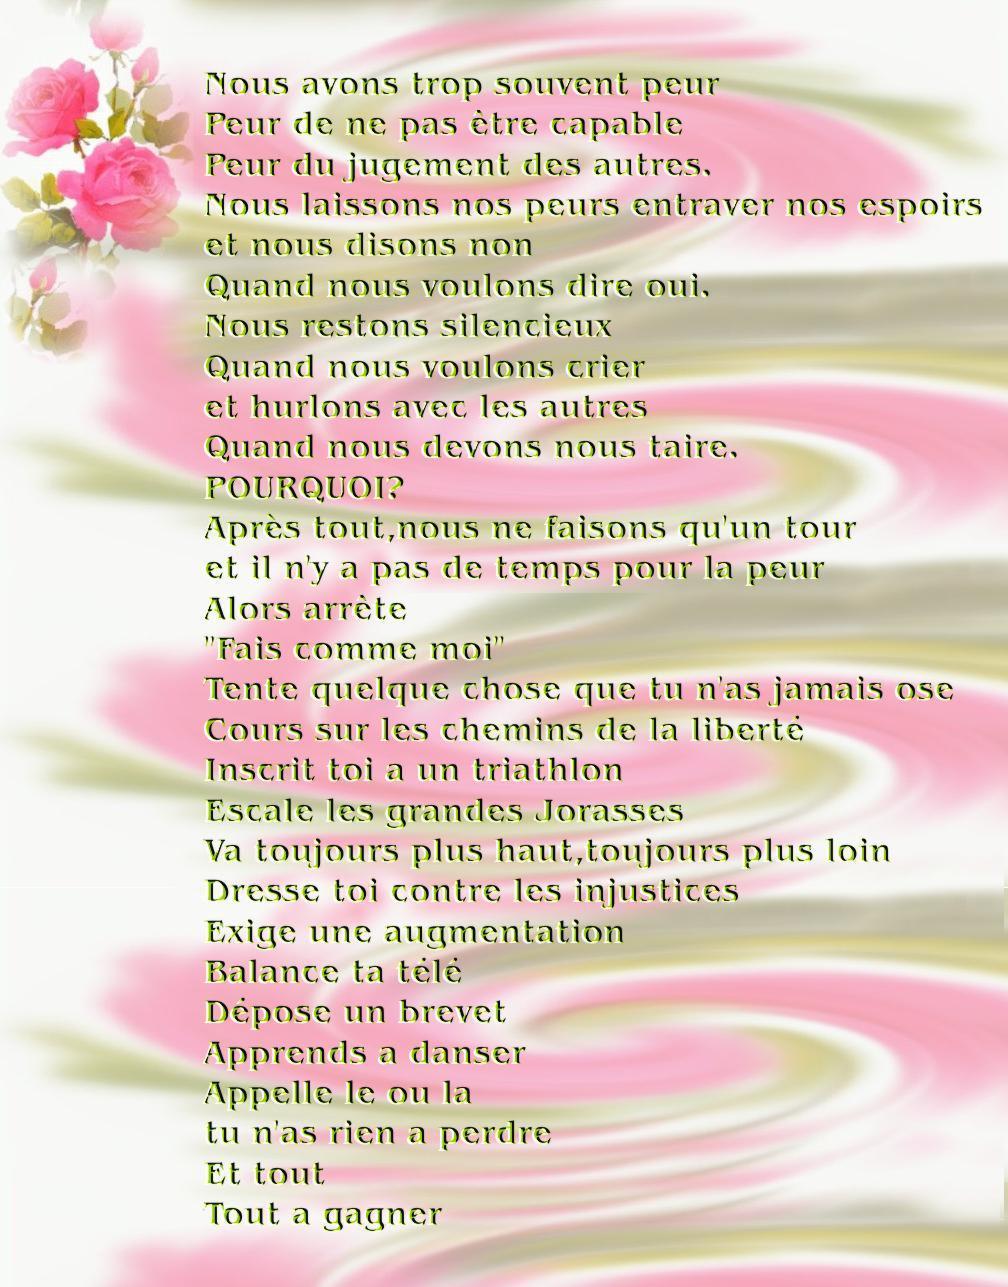 poeme10.jpg